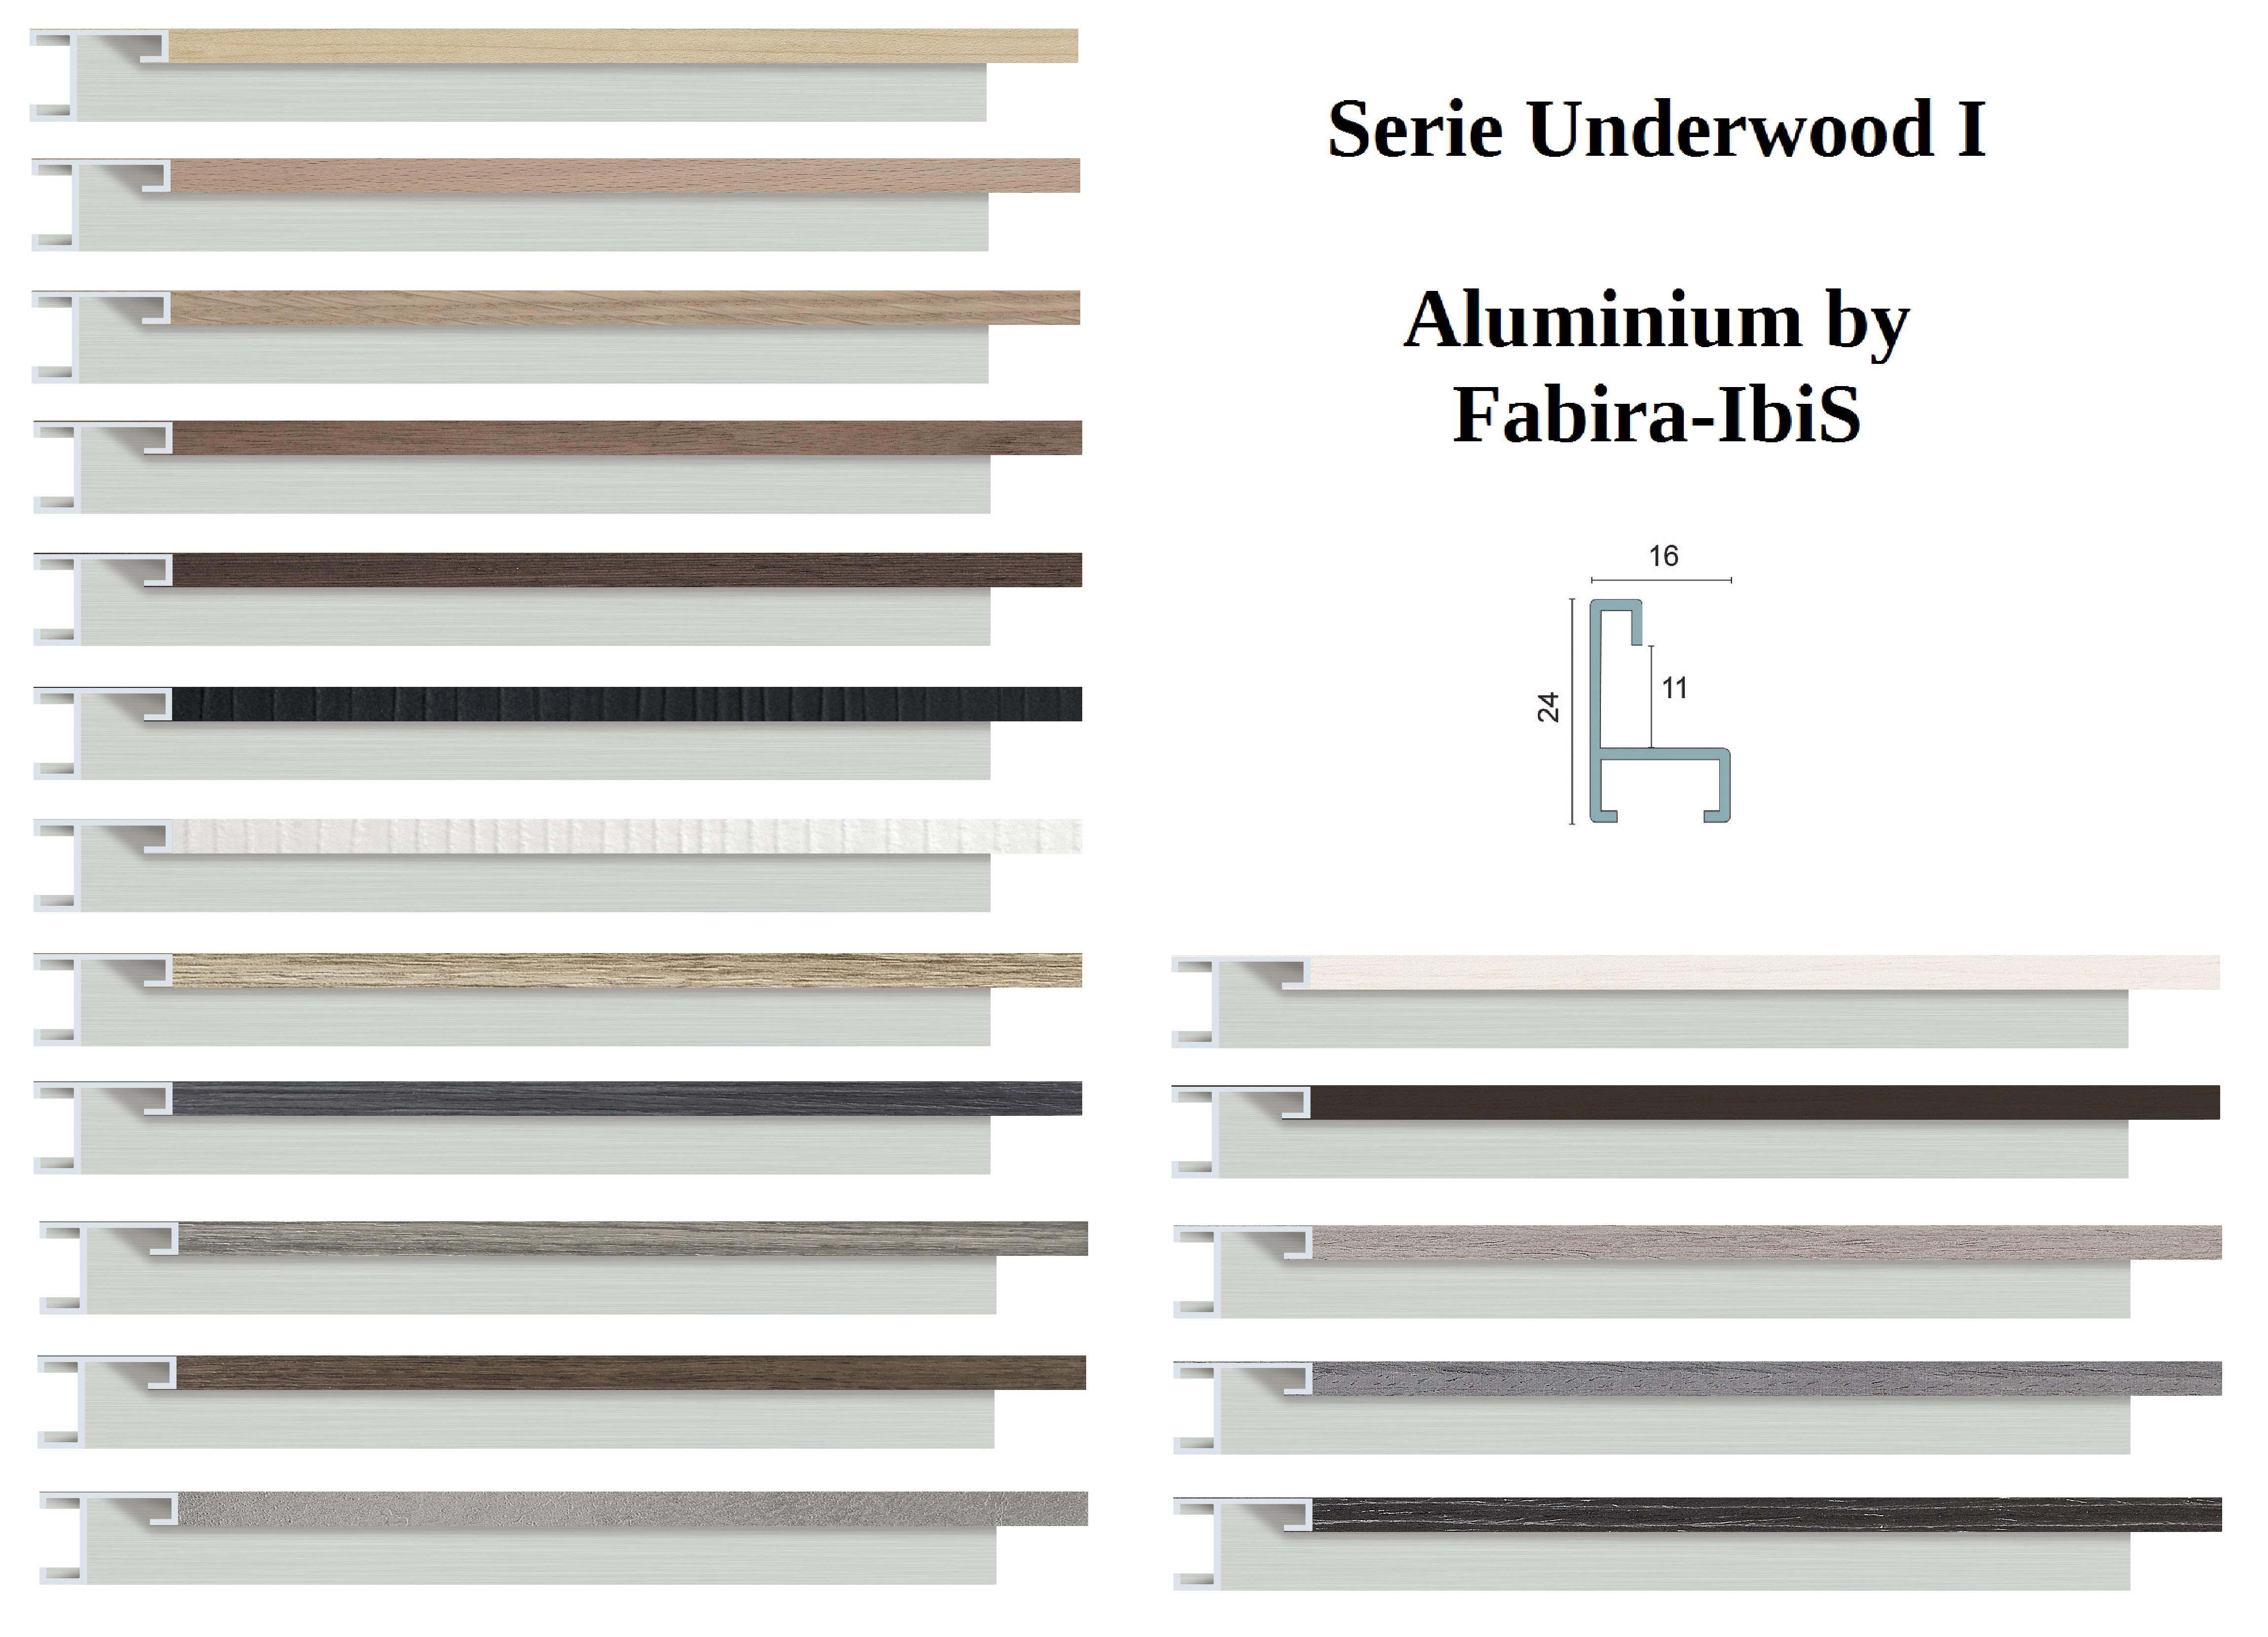 Fabira-IbiS Aluminium: Underwood I